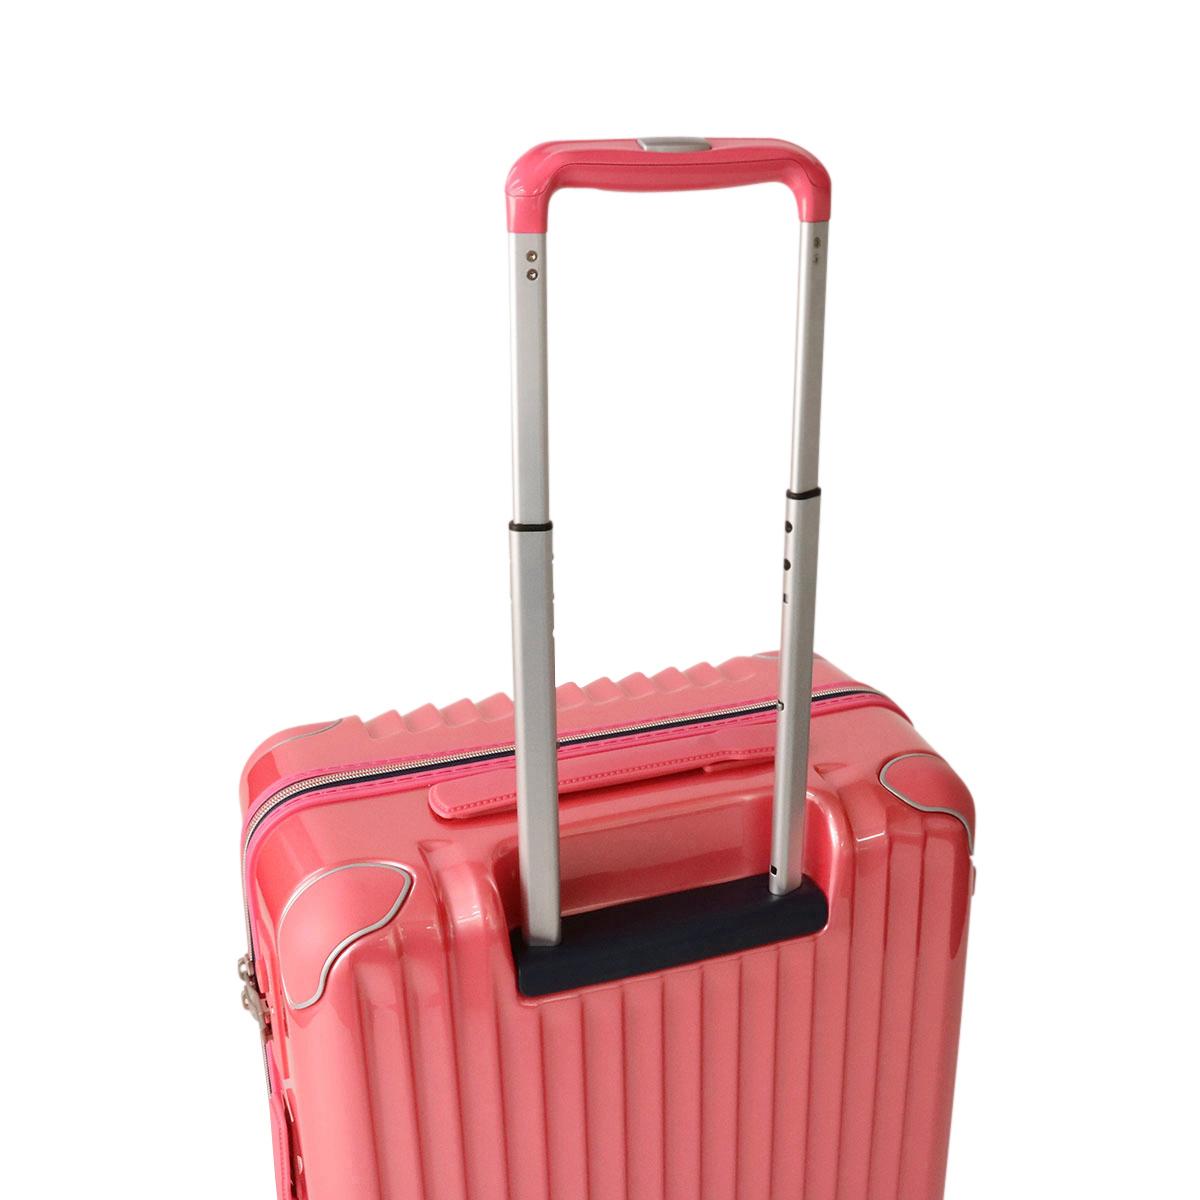 欧盟货物 airtrans 货物运输手提箱轻量级三重奏三重奏 4 轮携带案例 55 L S 大小 3 或 4 晚猫 633N